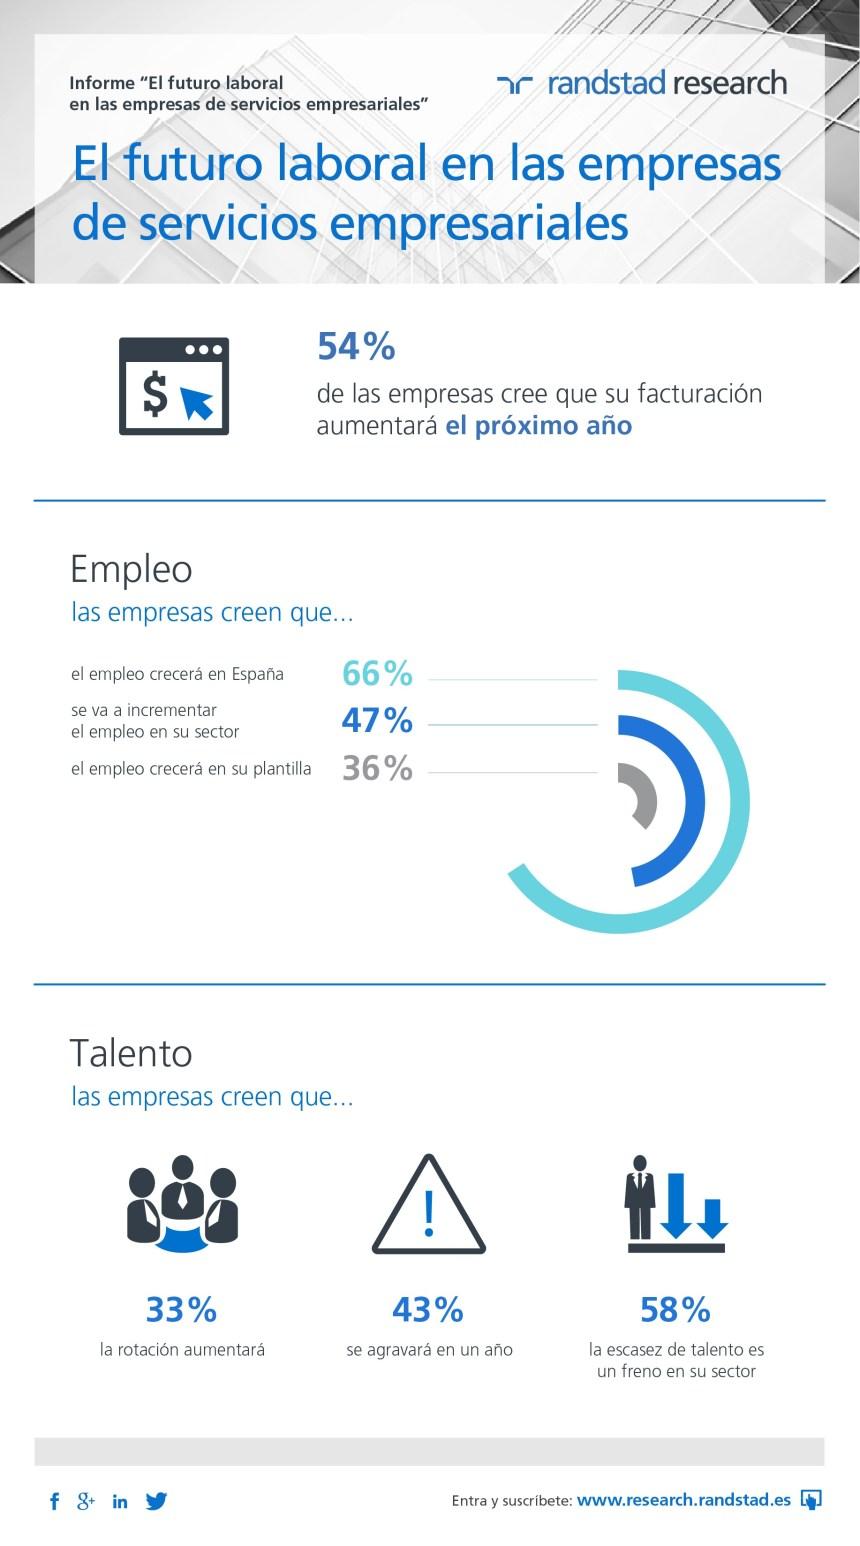 El futuro laboral del sector de servicios empresariales